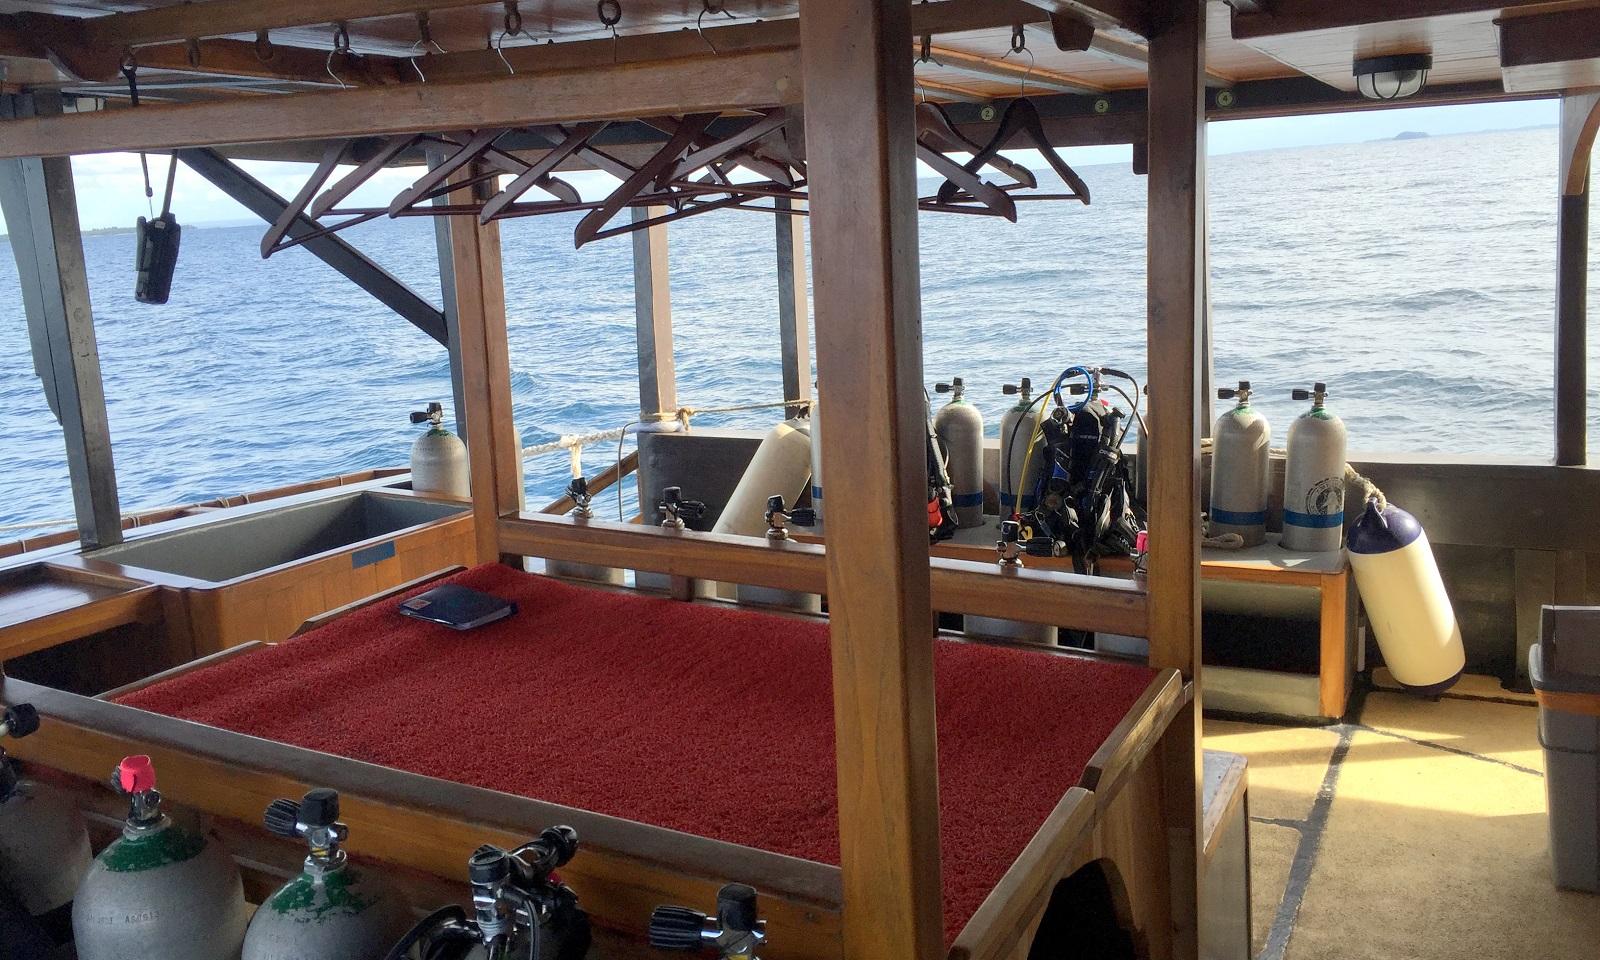 Camera & Dive Deck